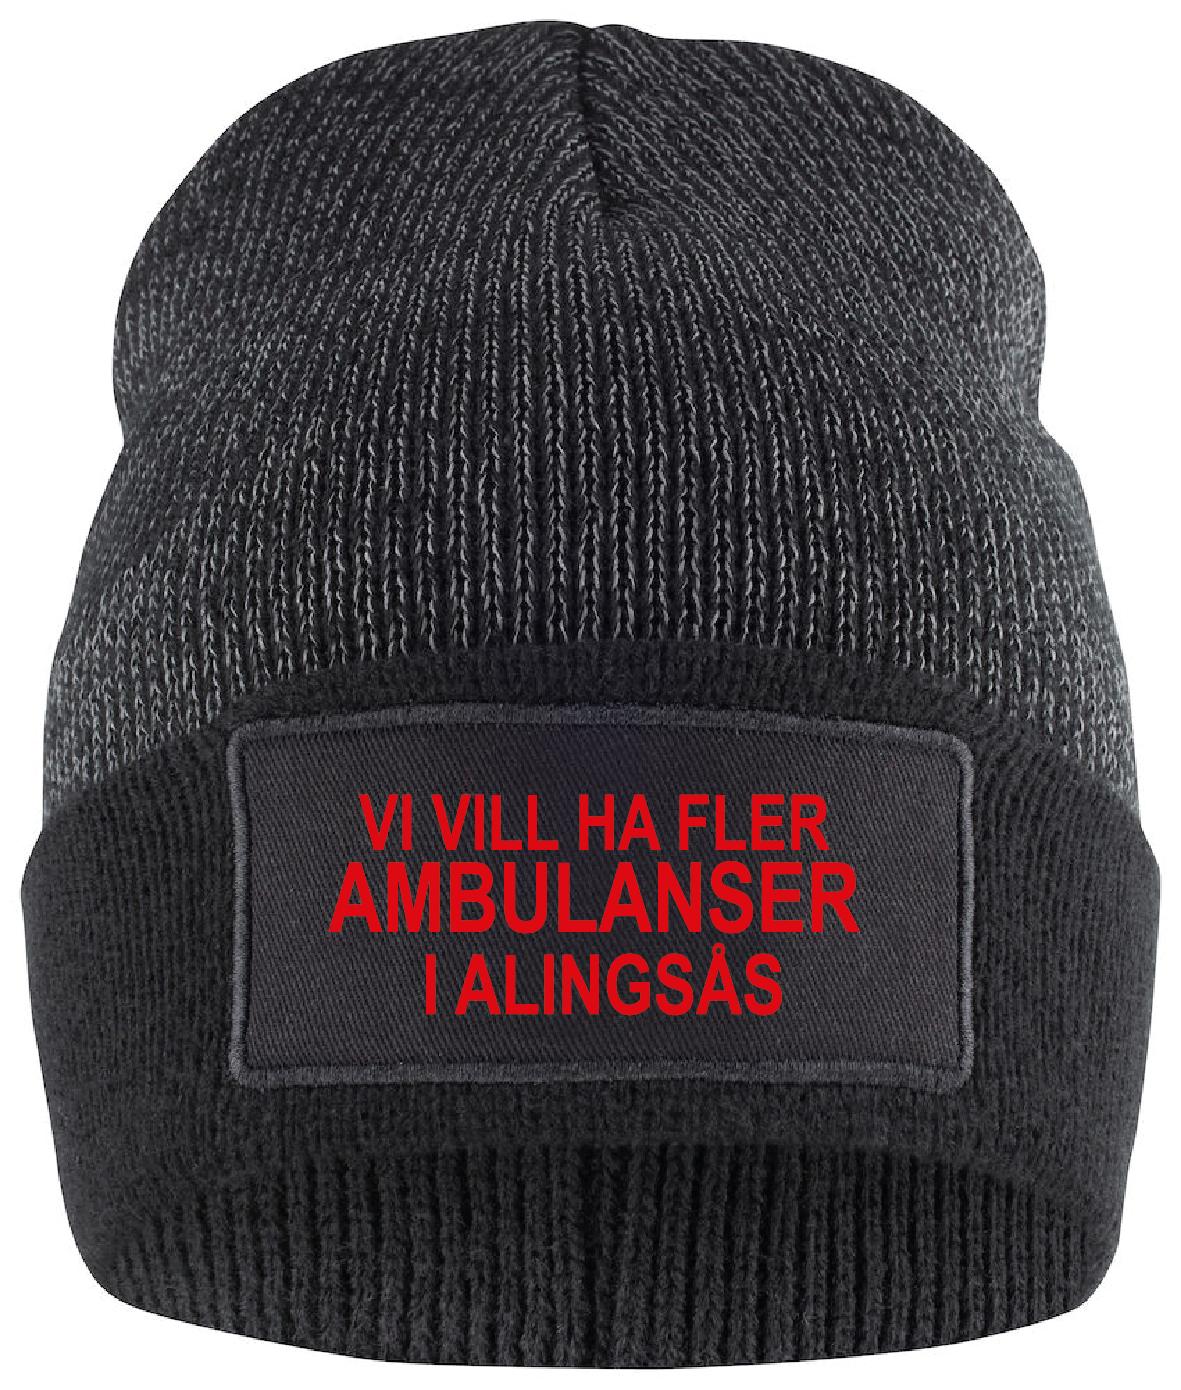 """Reflexmössa """"Fler AMBULANSER i Alingsås"""""""